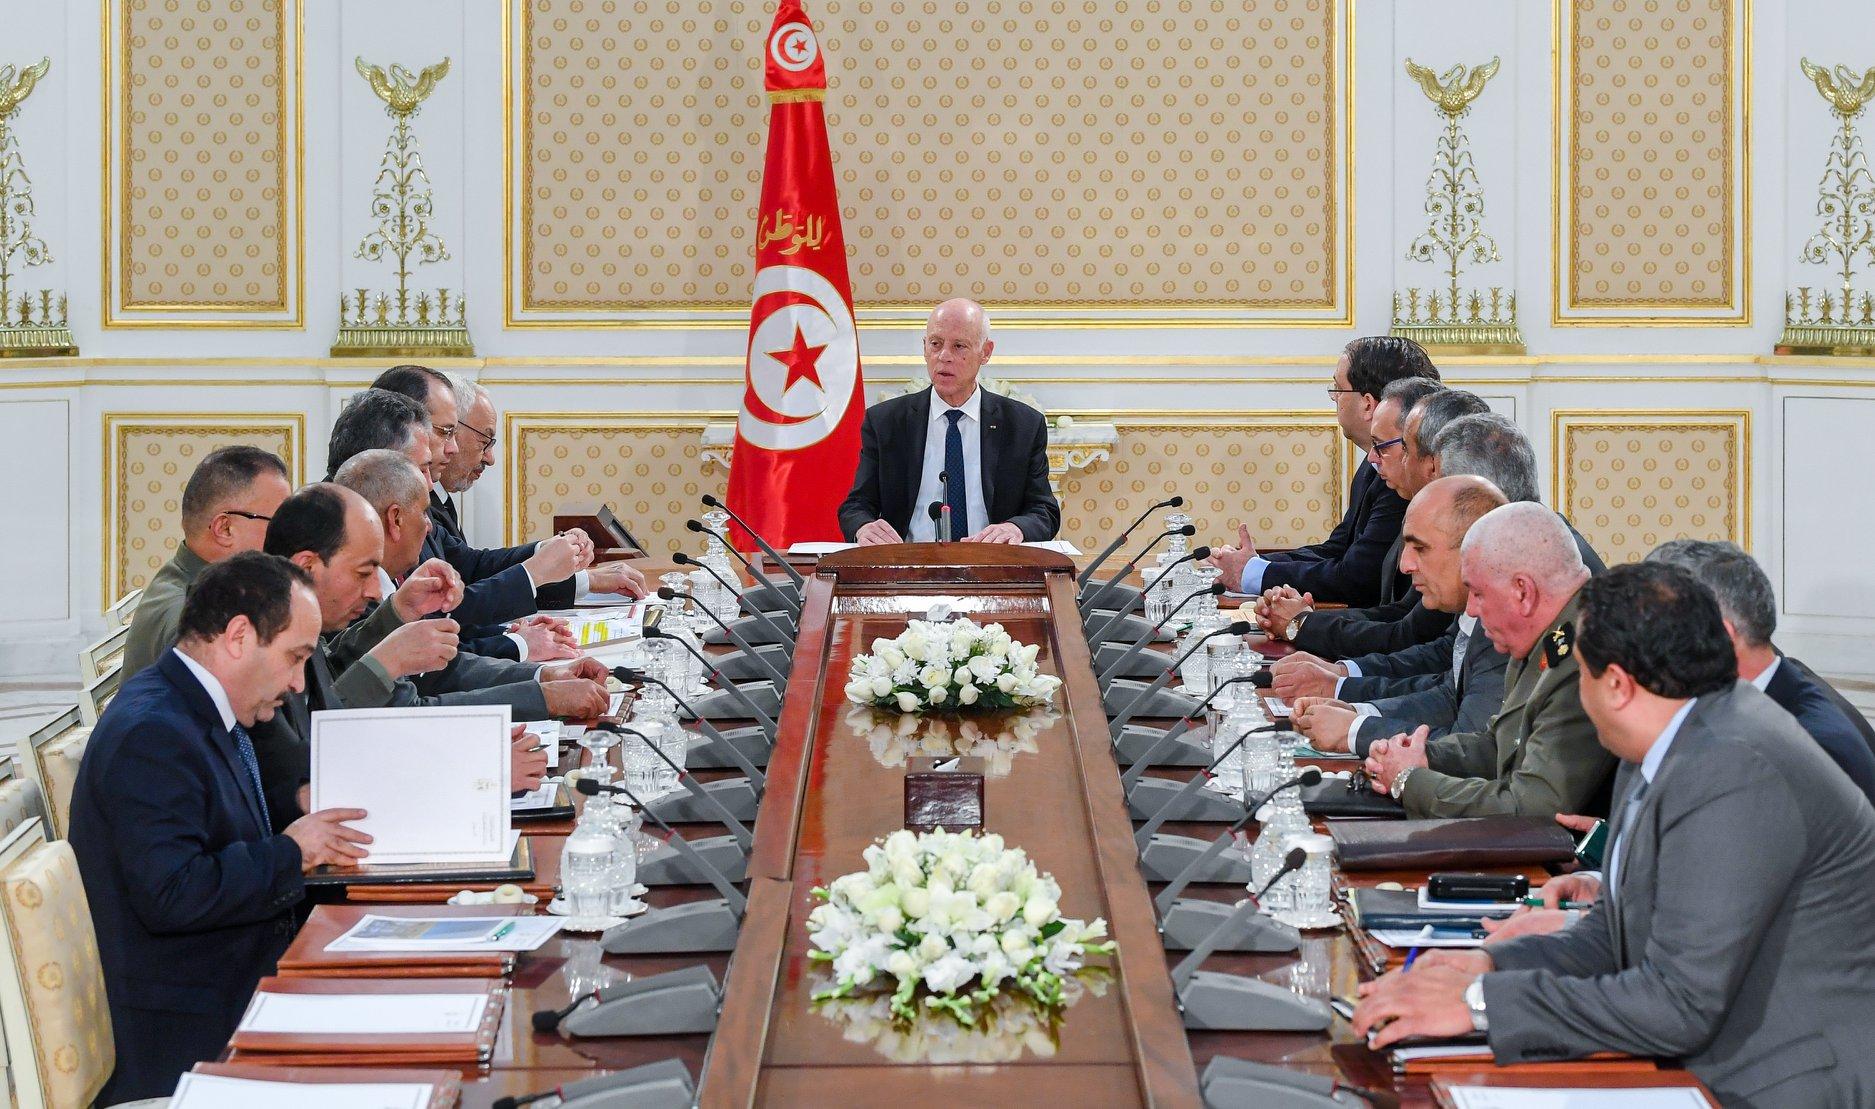 Réunion à Carthage du Conseil national de sécurité sur la crise libyenne le mardi 7 janvier 2020.